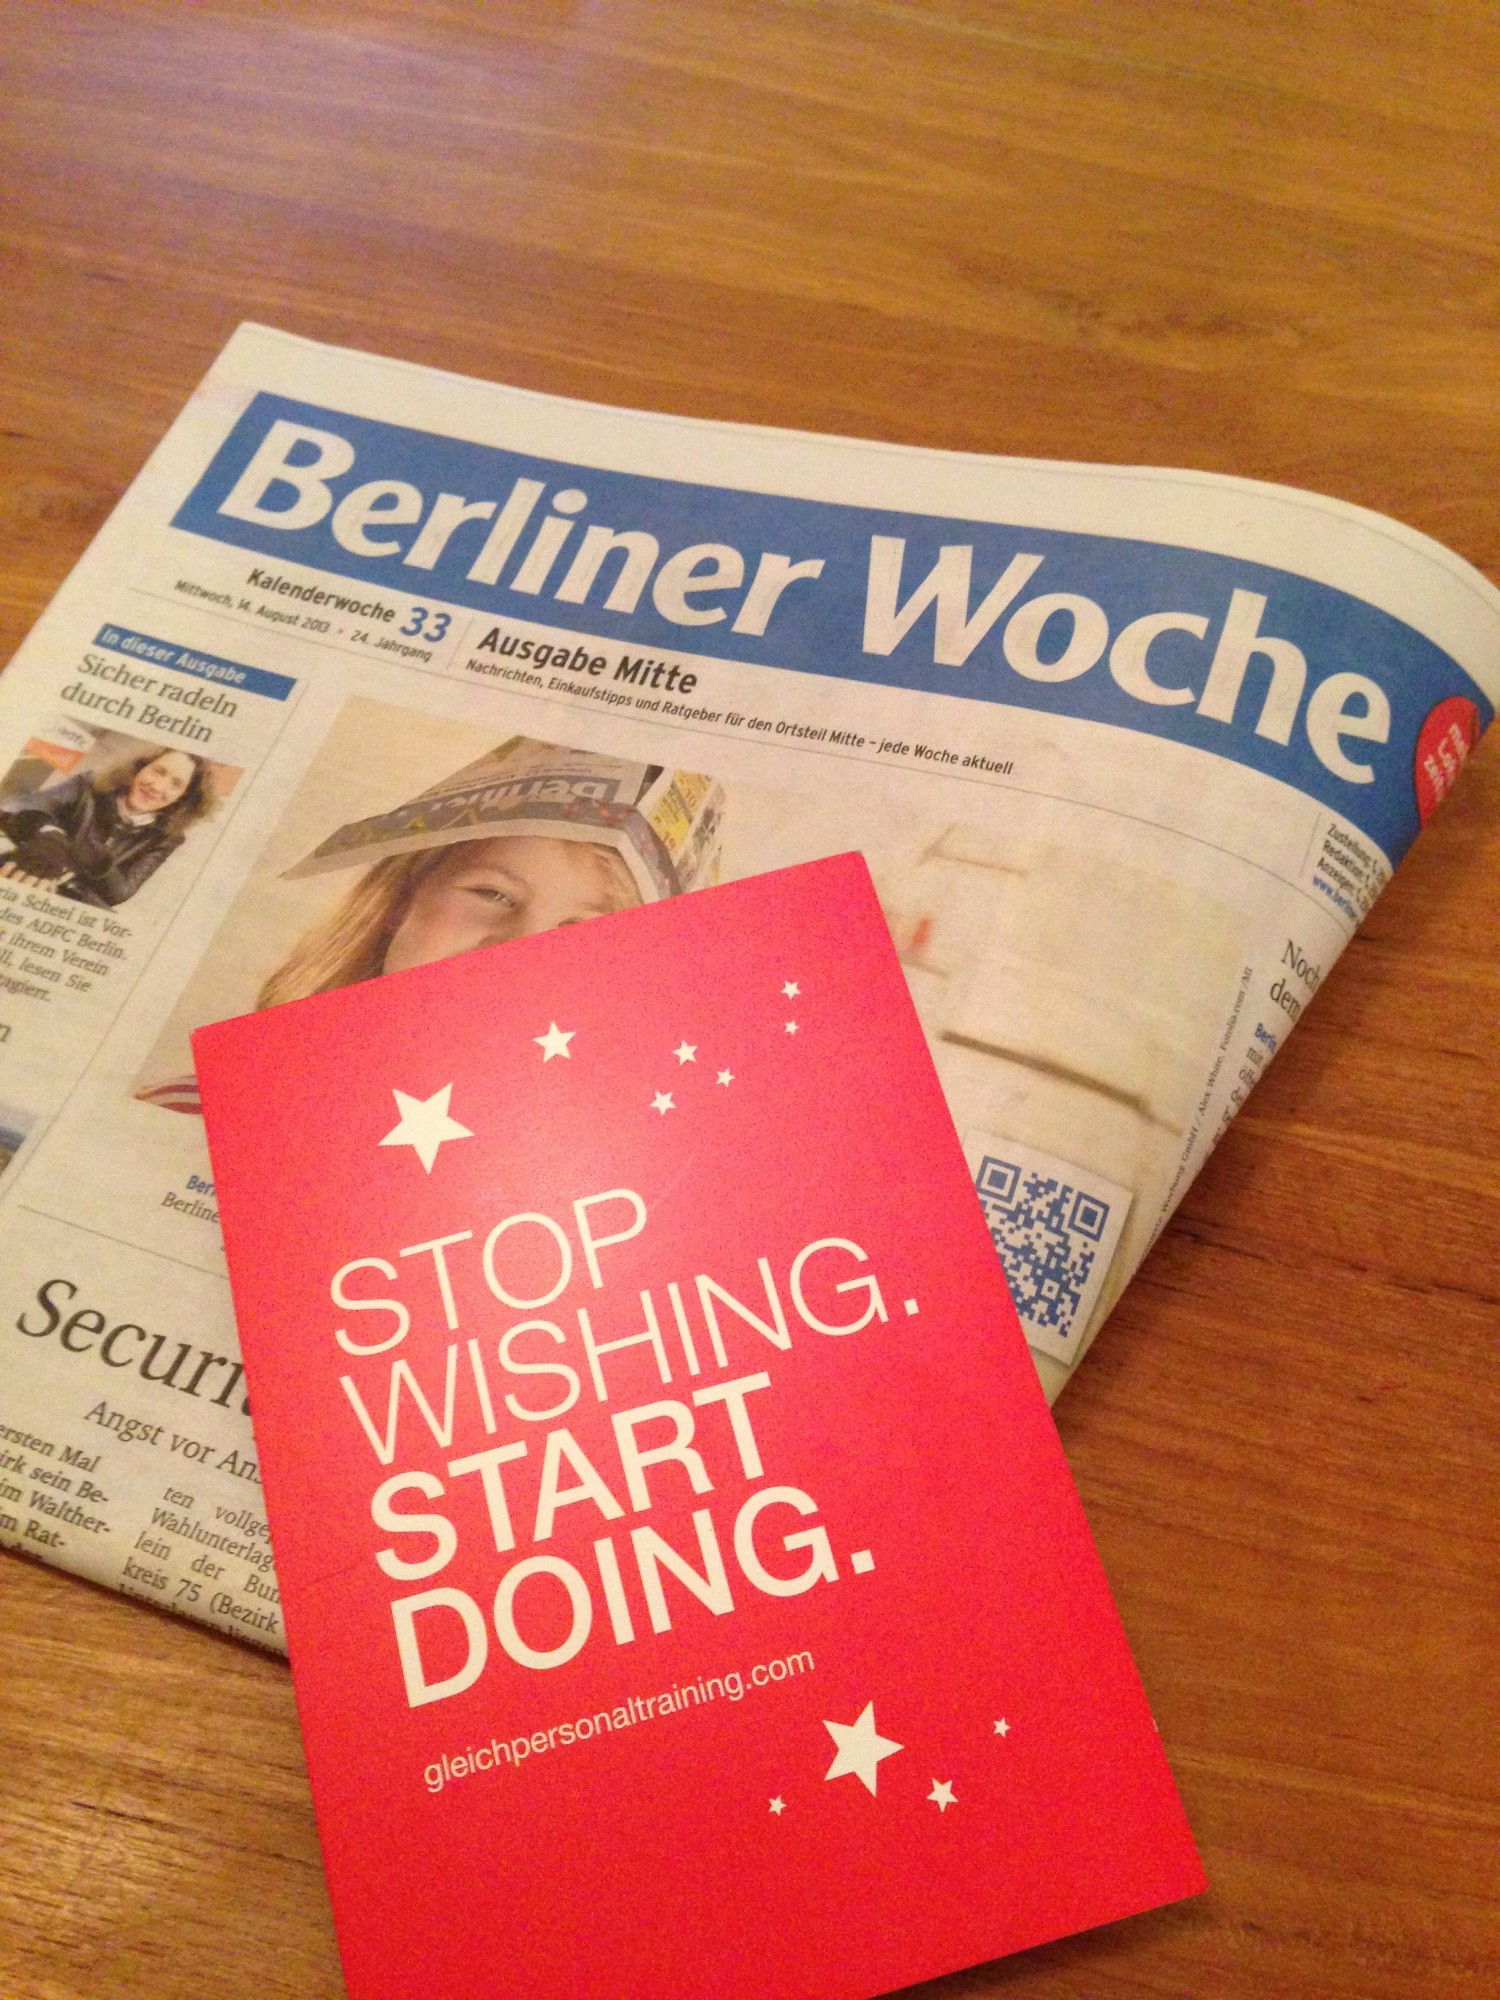 Gleich Personal Training in der Berliner Woche